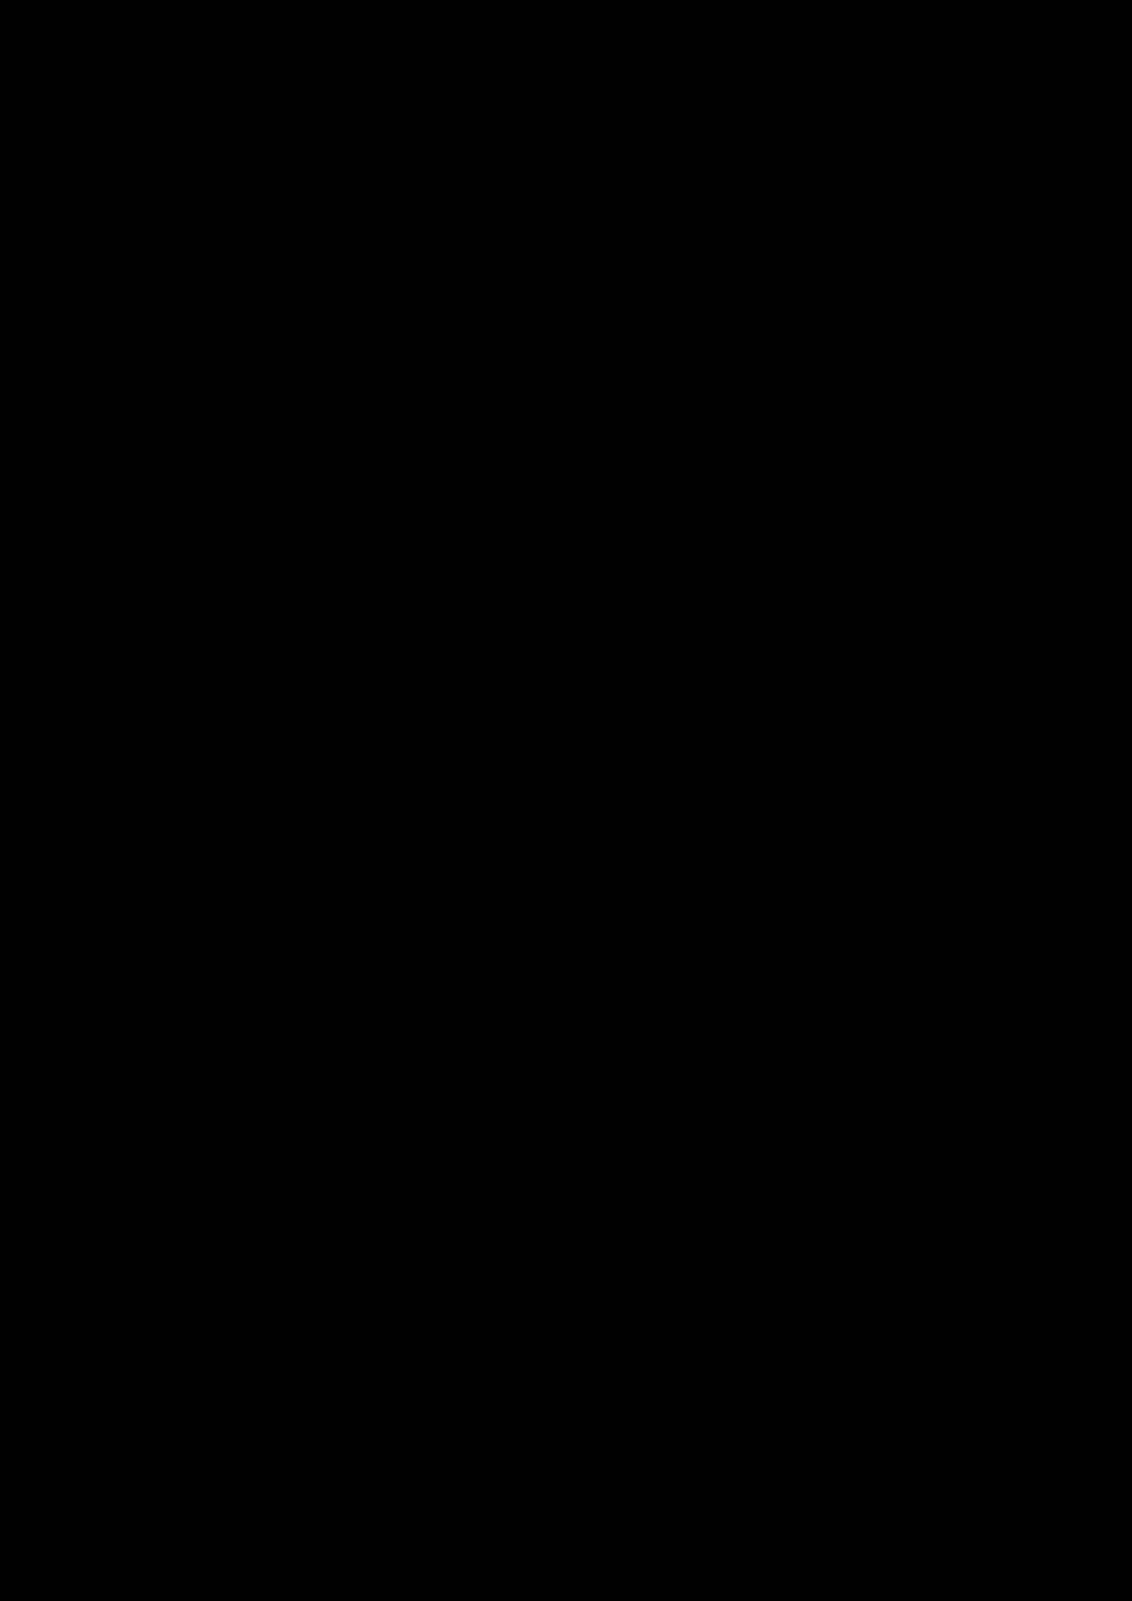 Zagadka volshebnoy stranyi slide, Image 120